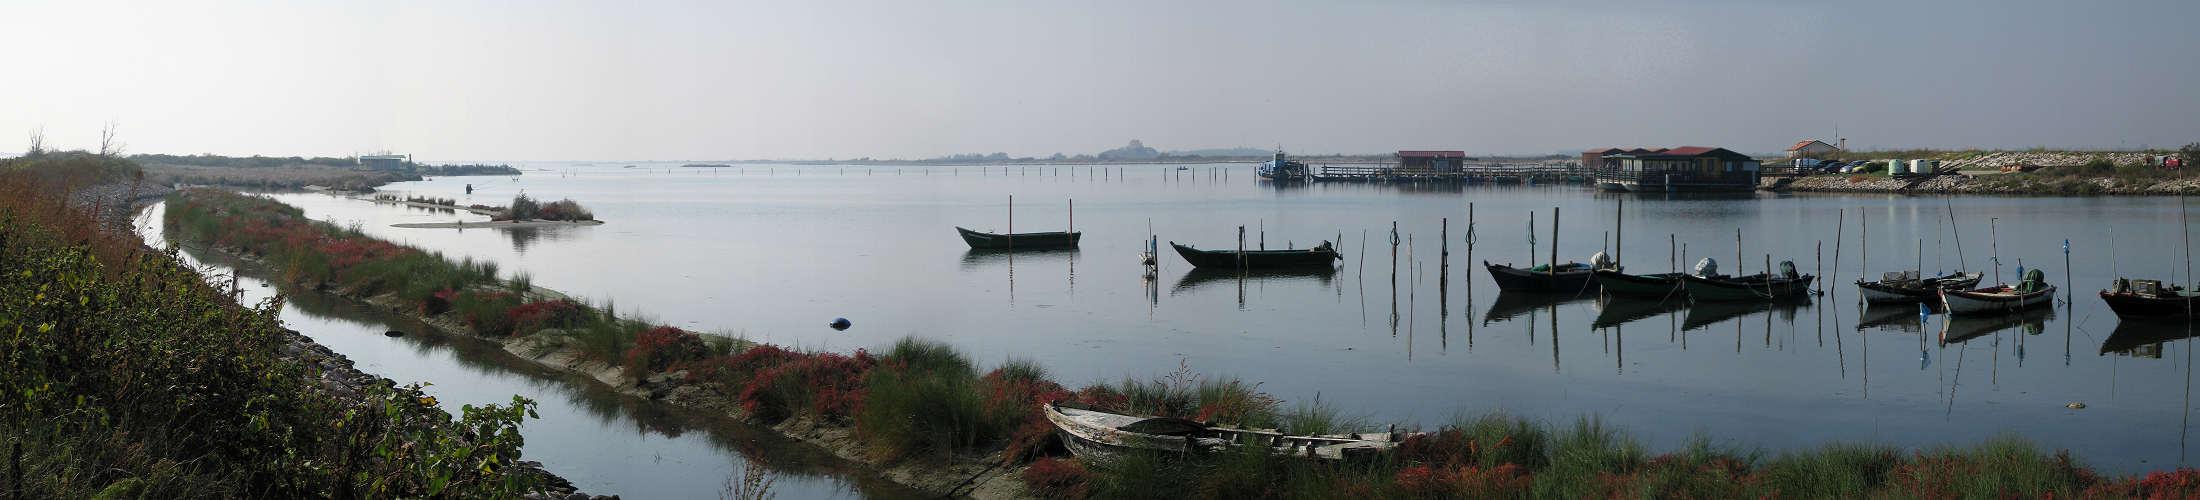 porto tolle isola di polesine camerini nei pressi della